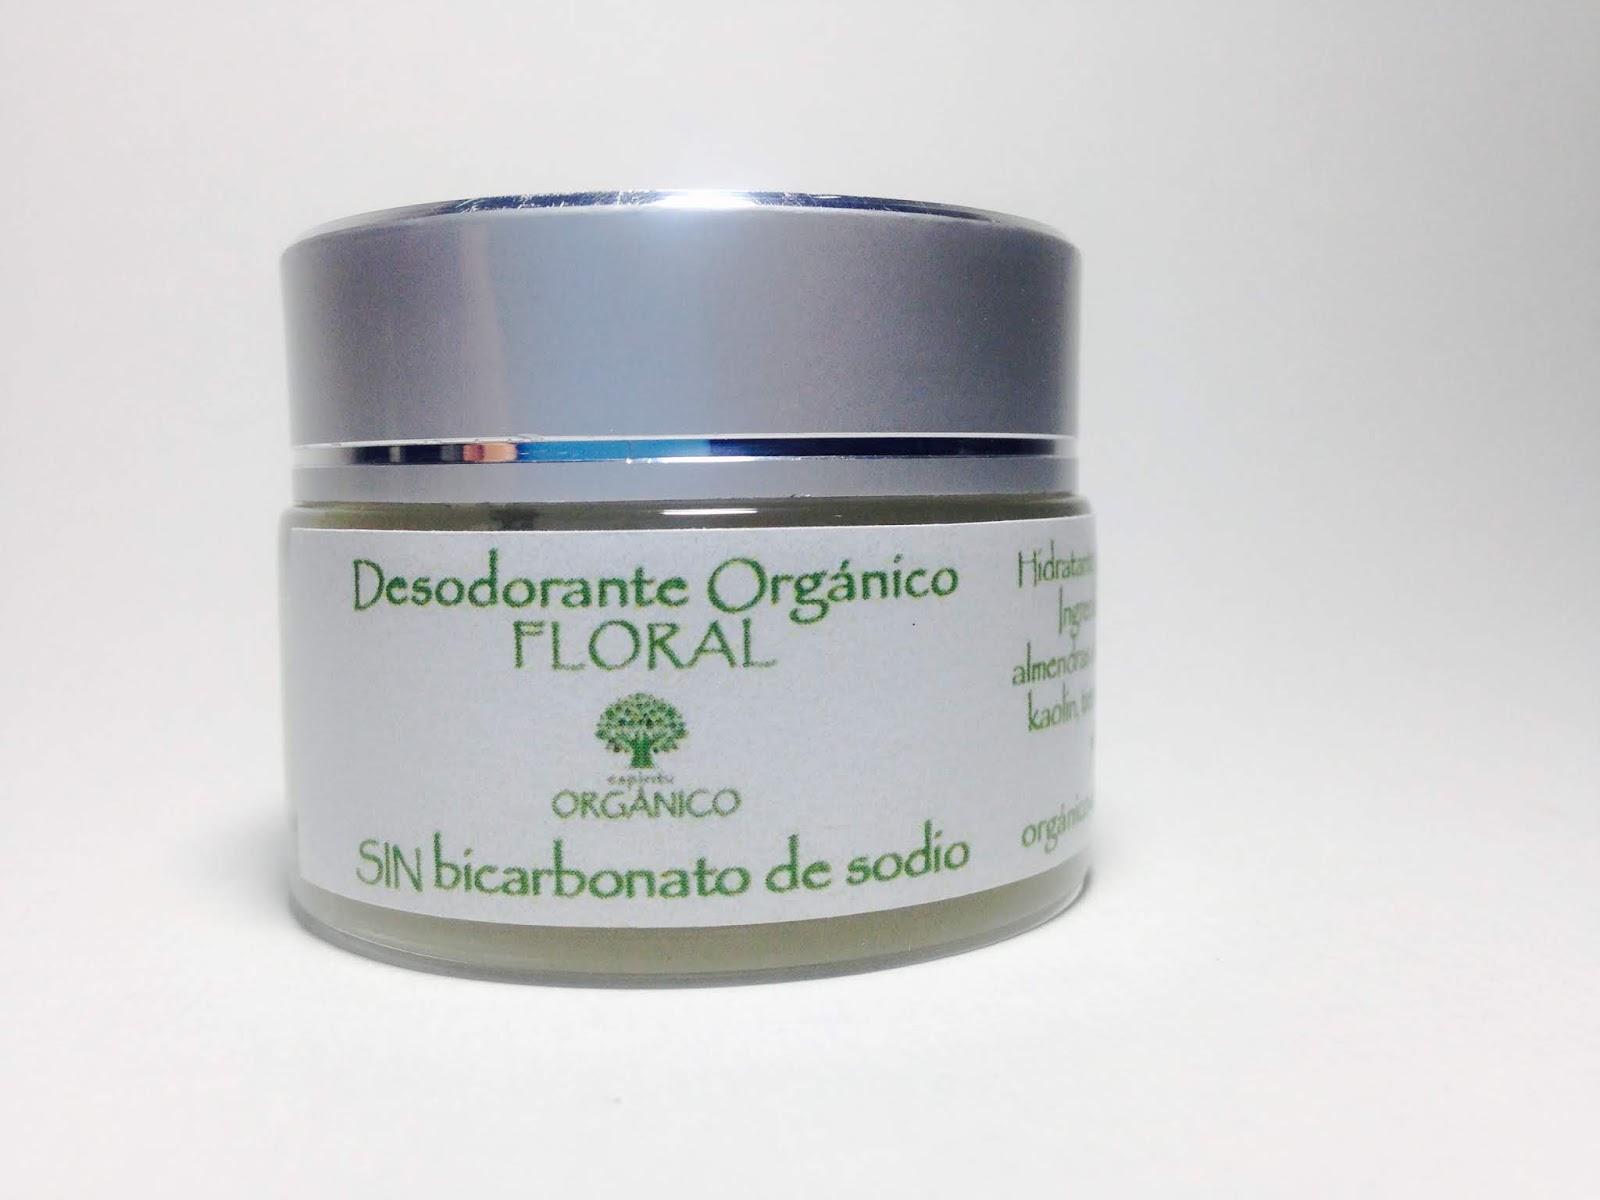 Desodorante Orgánico Floral - SIN bicarbonato de sodio - $30.000